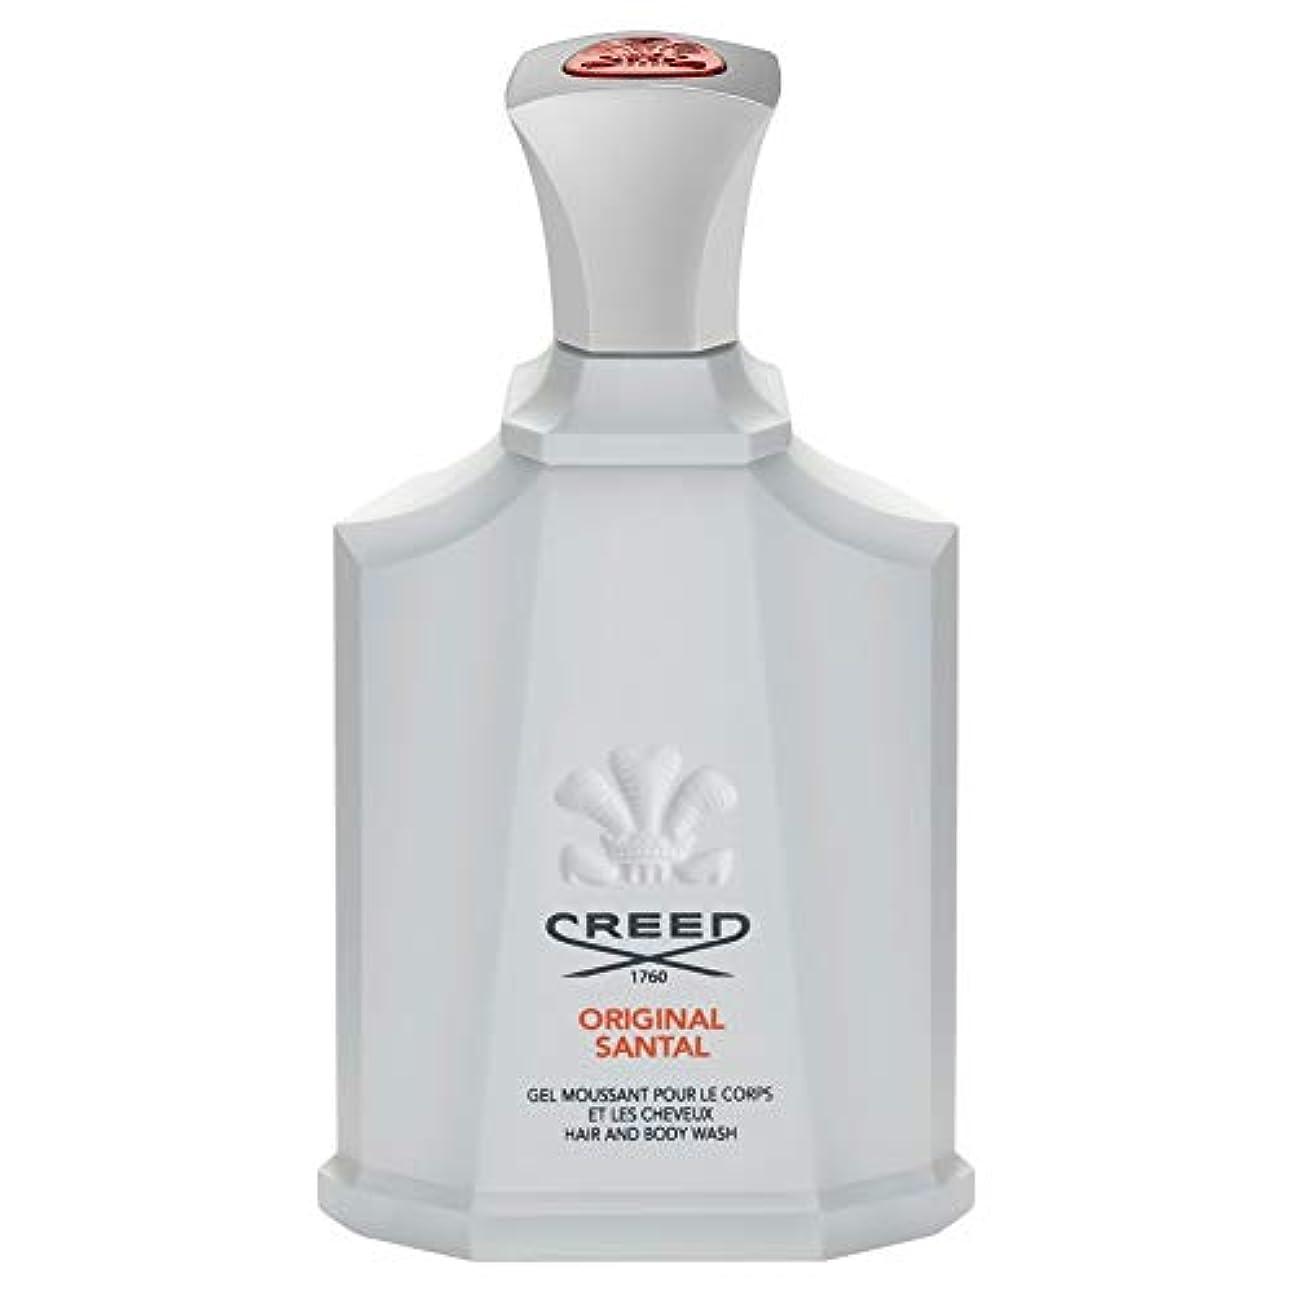 株式中国抑止する[Creed ] 信条元サンタルシャワージェル200Ml - CREED Original Santal Shower Gel 200ml [並行輸入品]